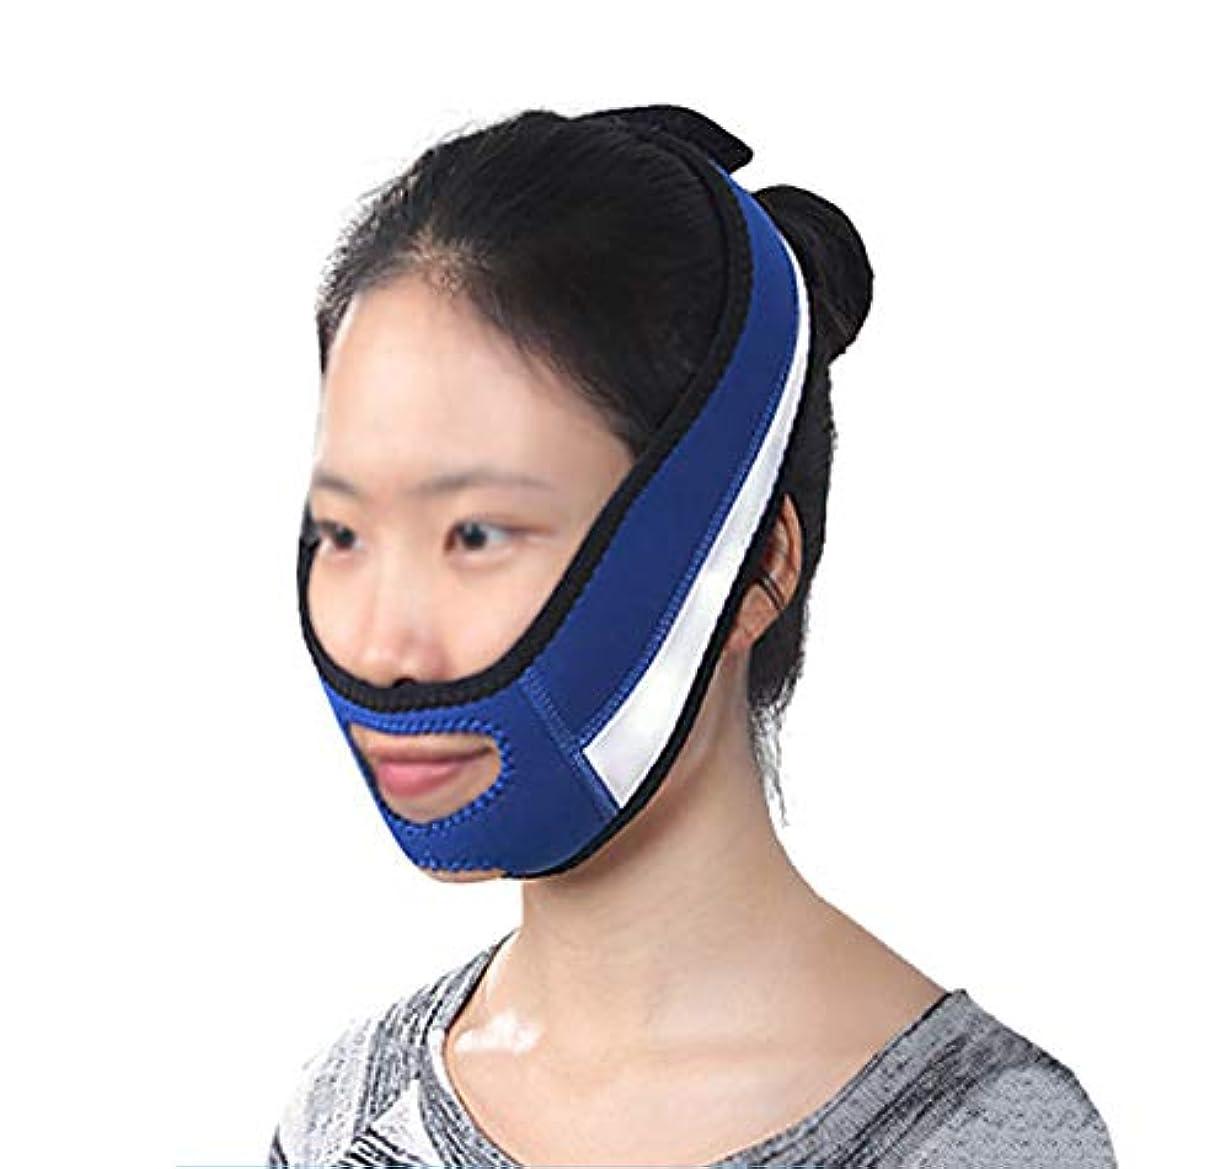 飲料ペット制約LJK 薄い顔包帯フェイススリムは、二重あごを取り除くVラインの顔の形を作りますチンチークリフトアップアンチリンクルリフティングベルトフェイスマッサージツール用女性と女の子